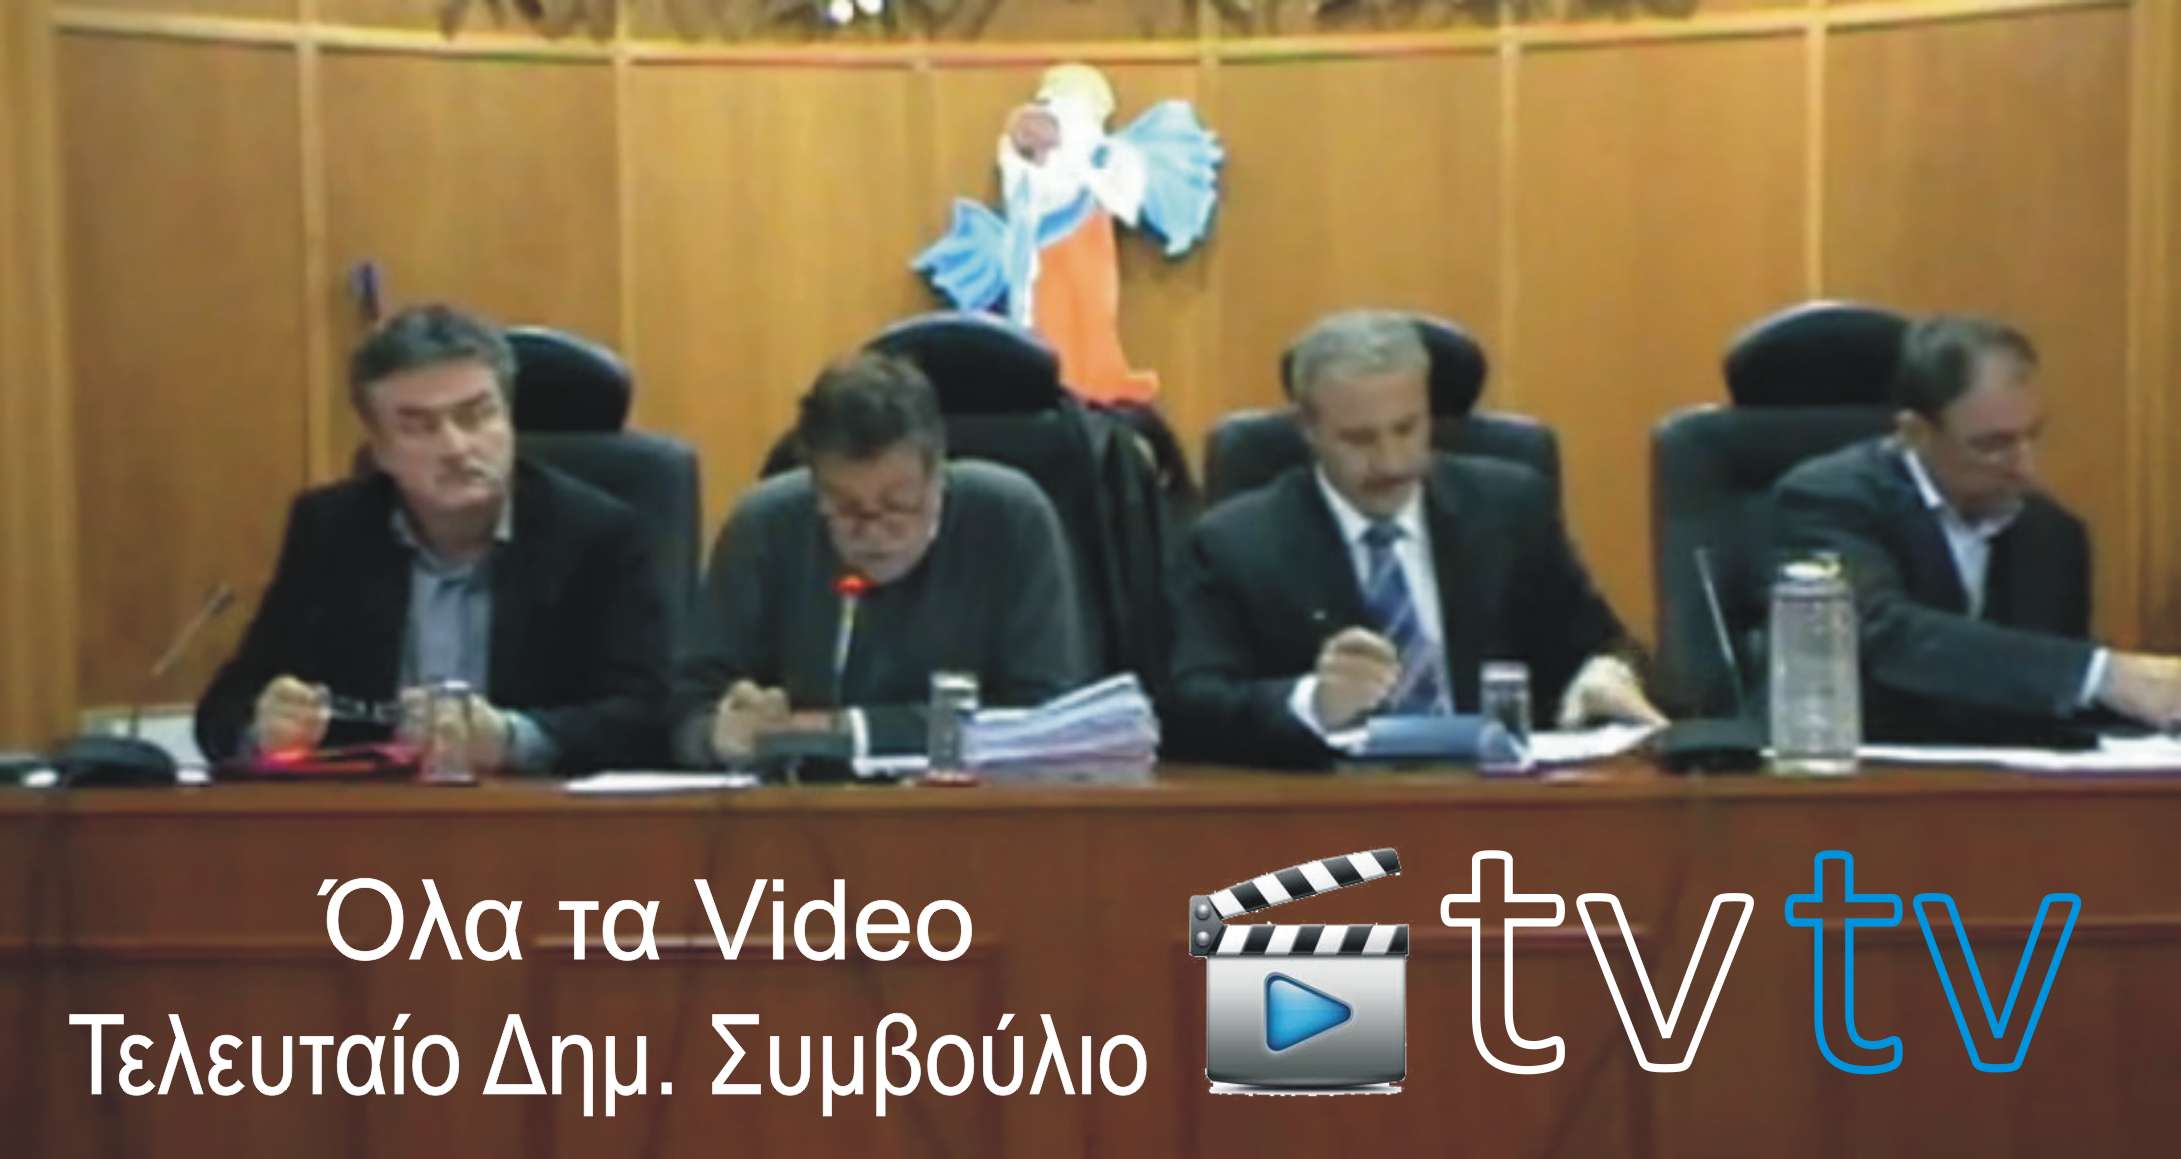 Όλα τα Video από το τελευταίο Δημοτικό Συμβούλιο tvtv